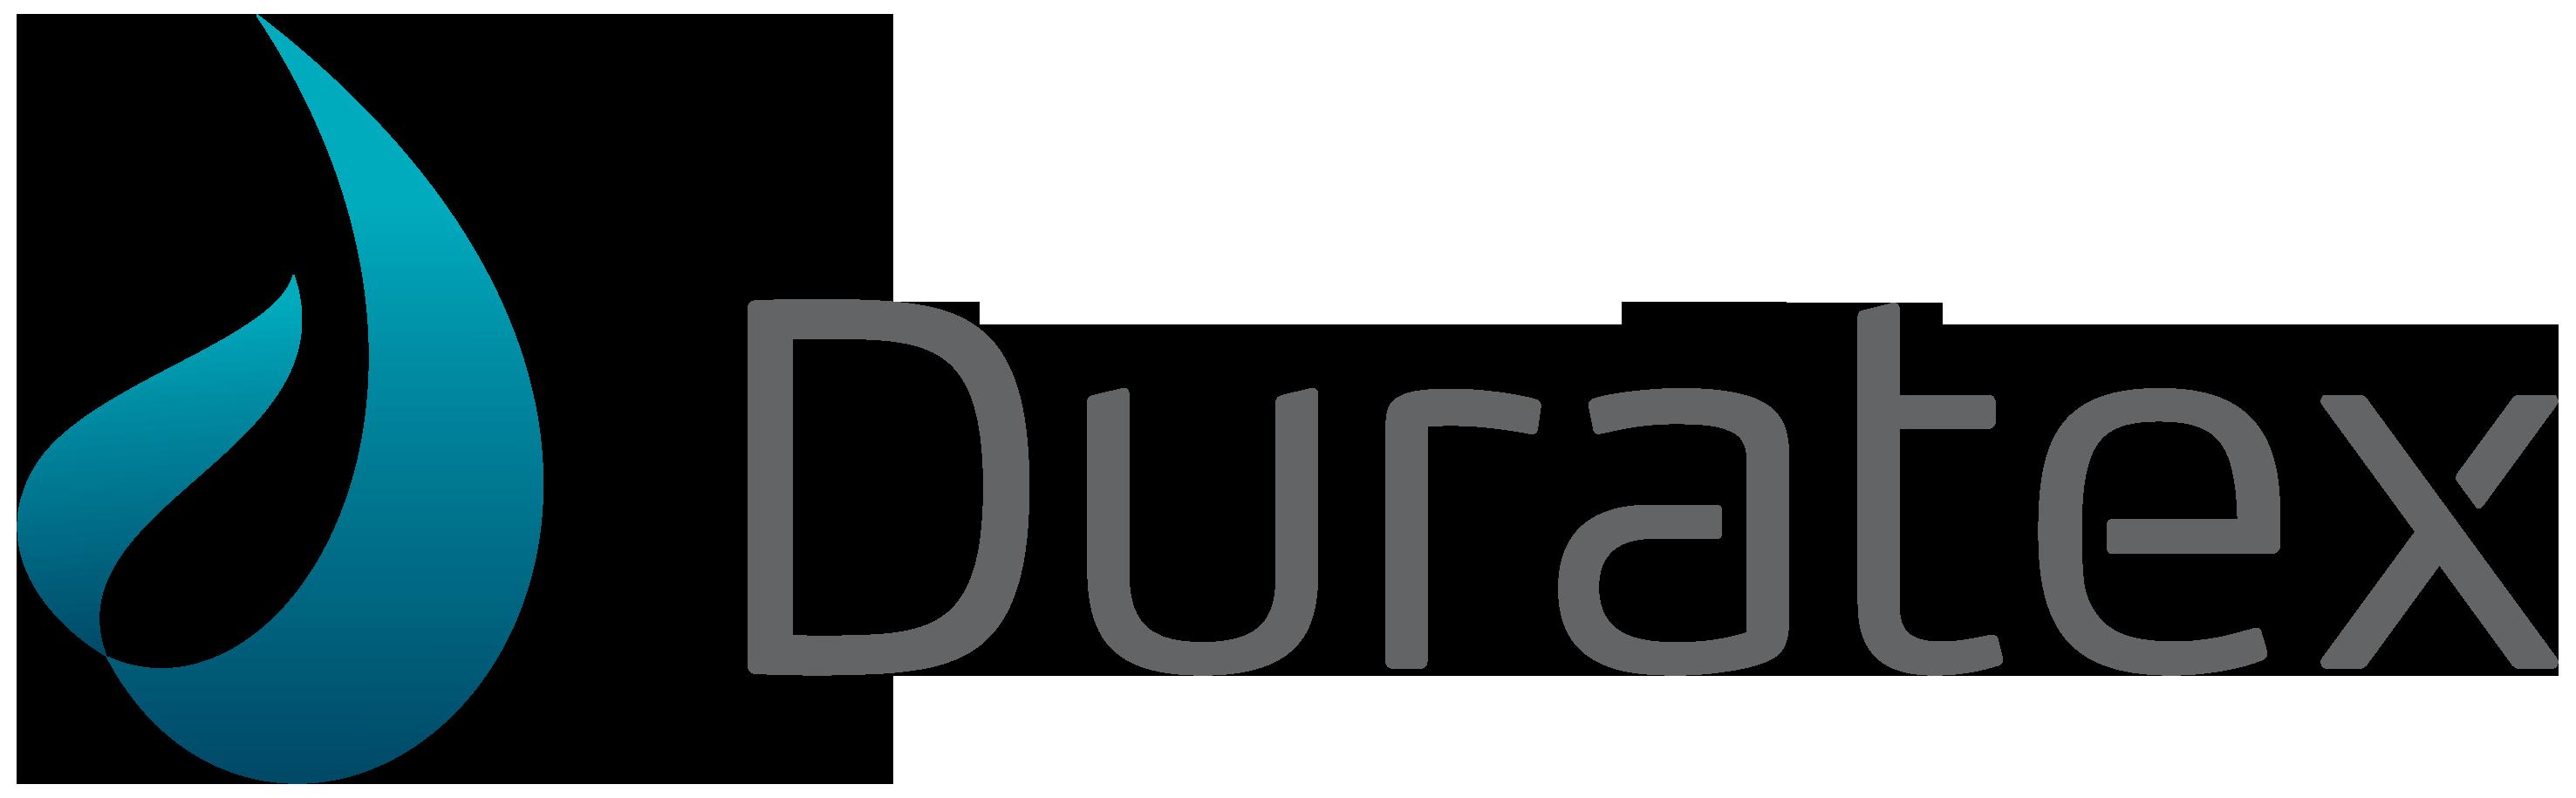 Estudo de Caso AWS: Duratex